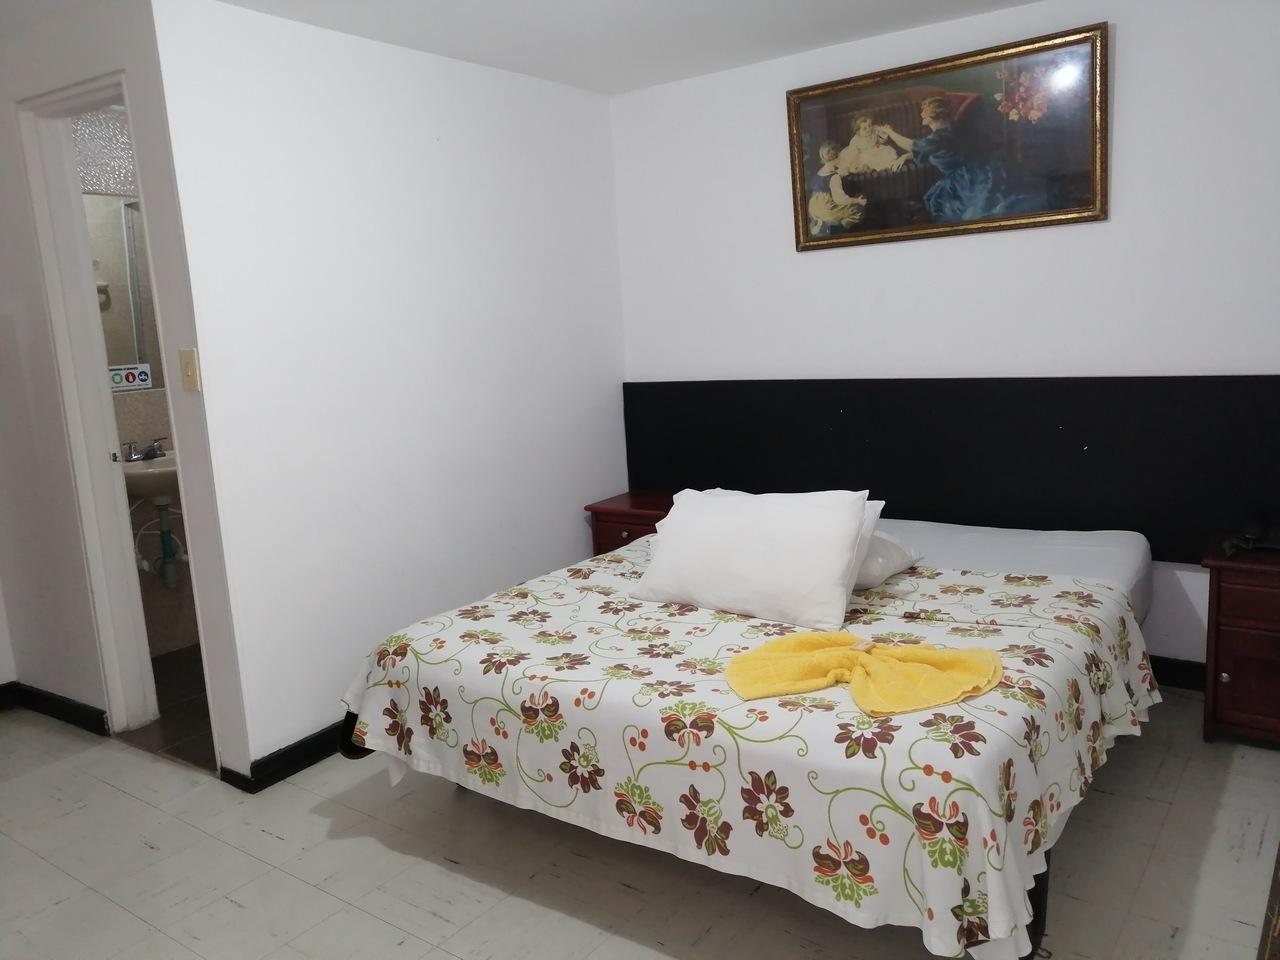 Hotel Teusaca en Teusaquillo : MotelNow